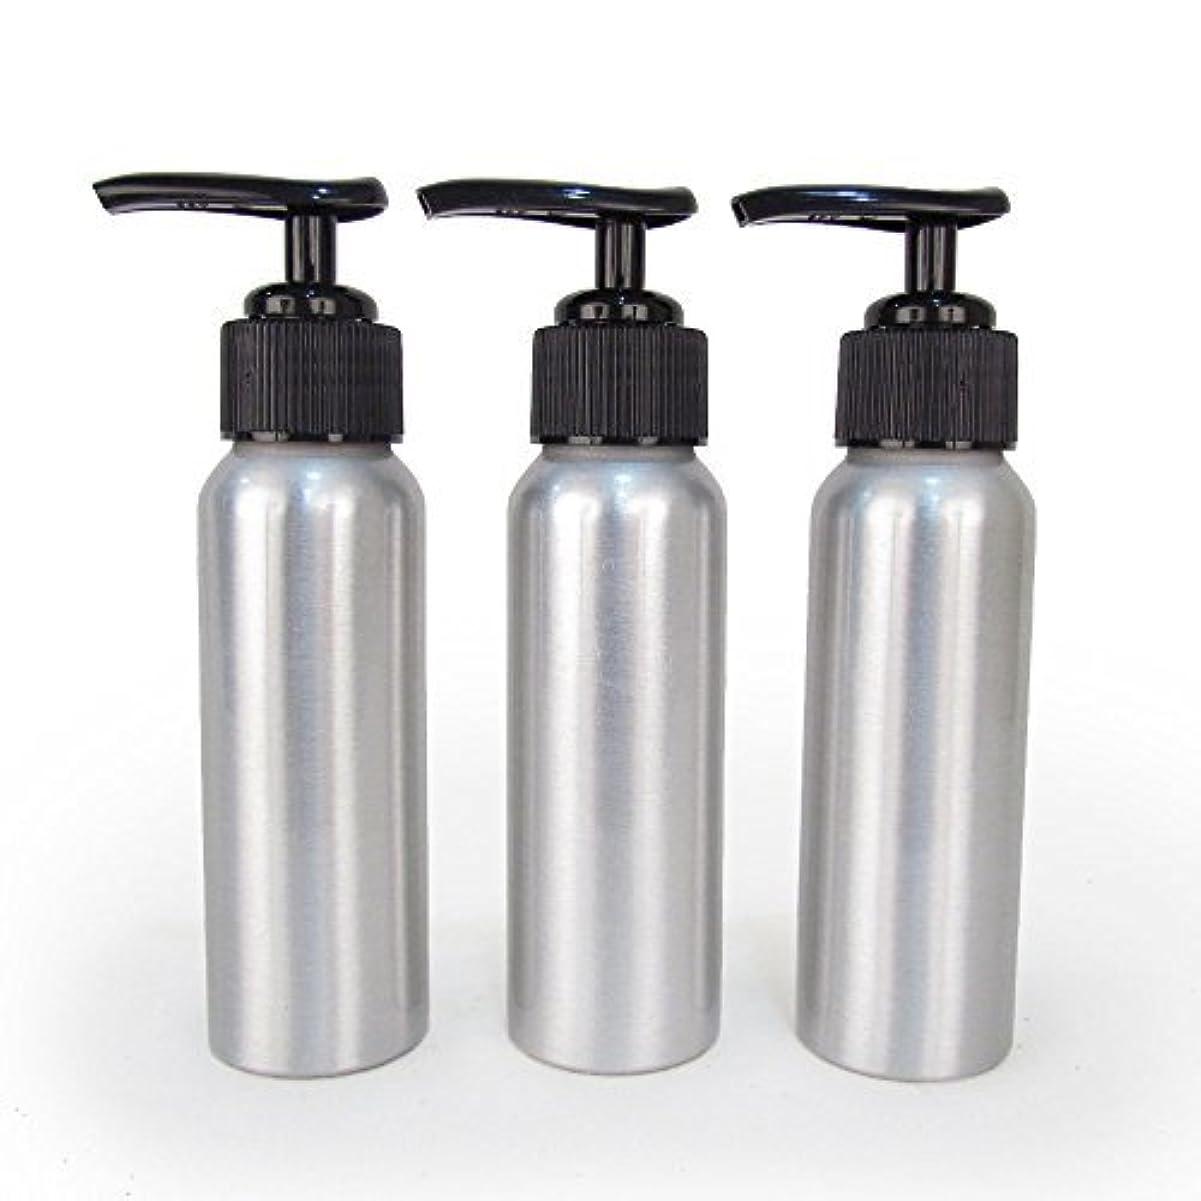 サイクル水平聖歌Set of 3 - Slender Brushed Aluminum 2.7 oz Pump Bottle for Essential Oil Products by Rivertree Life [並行輸入品]